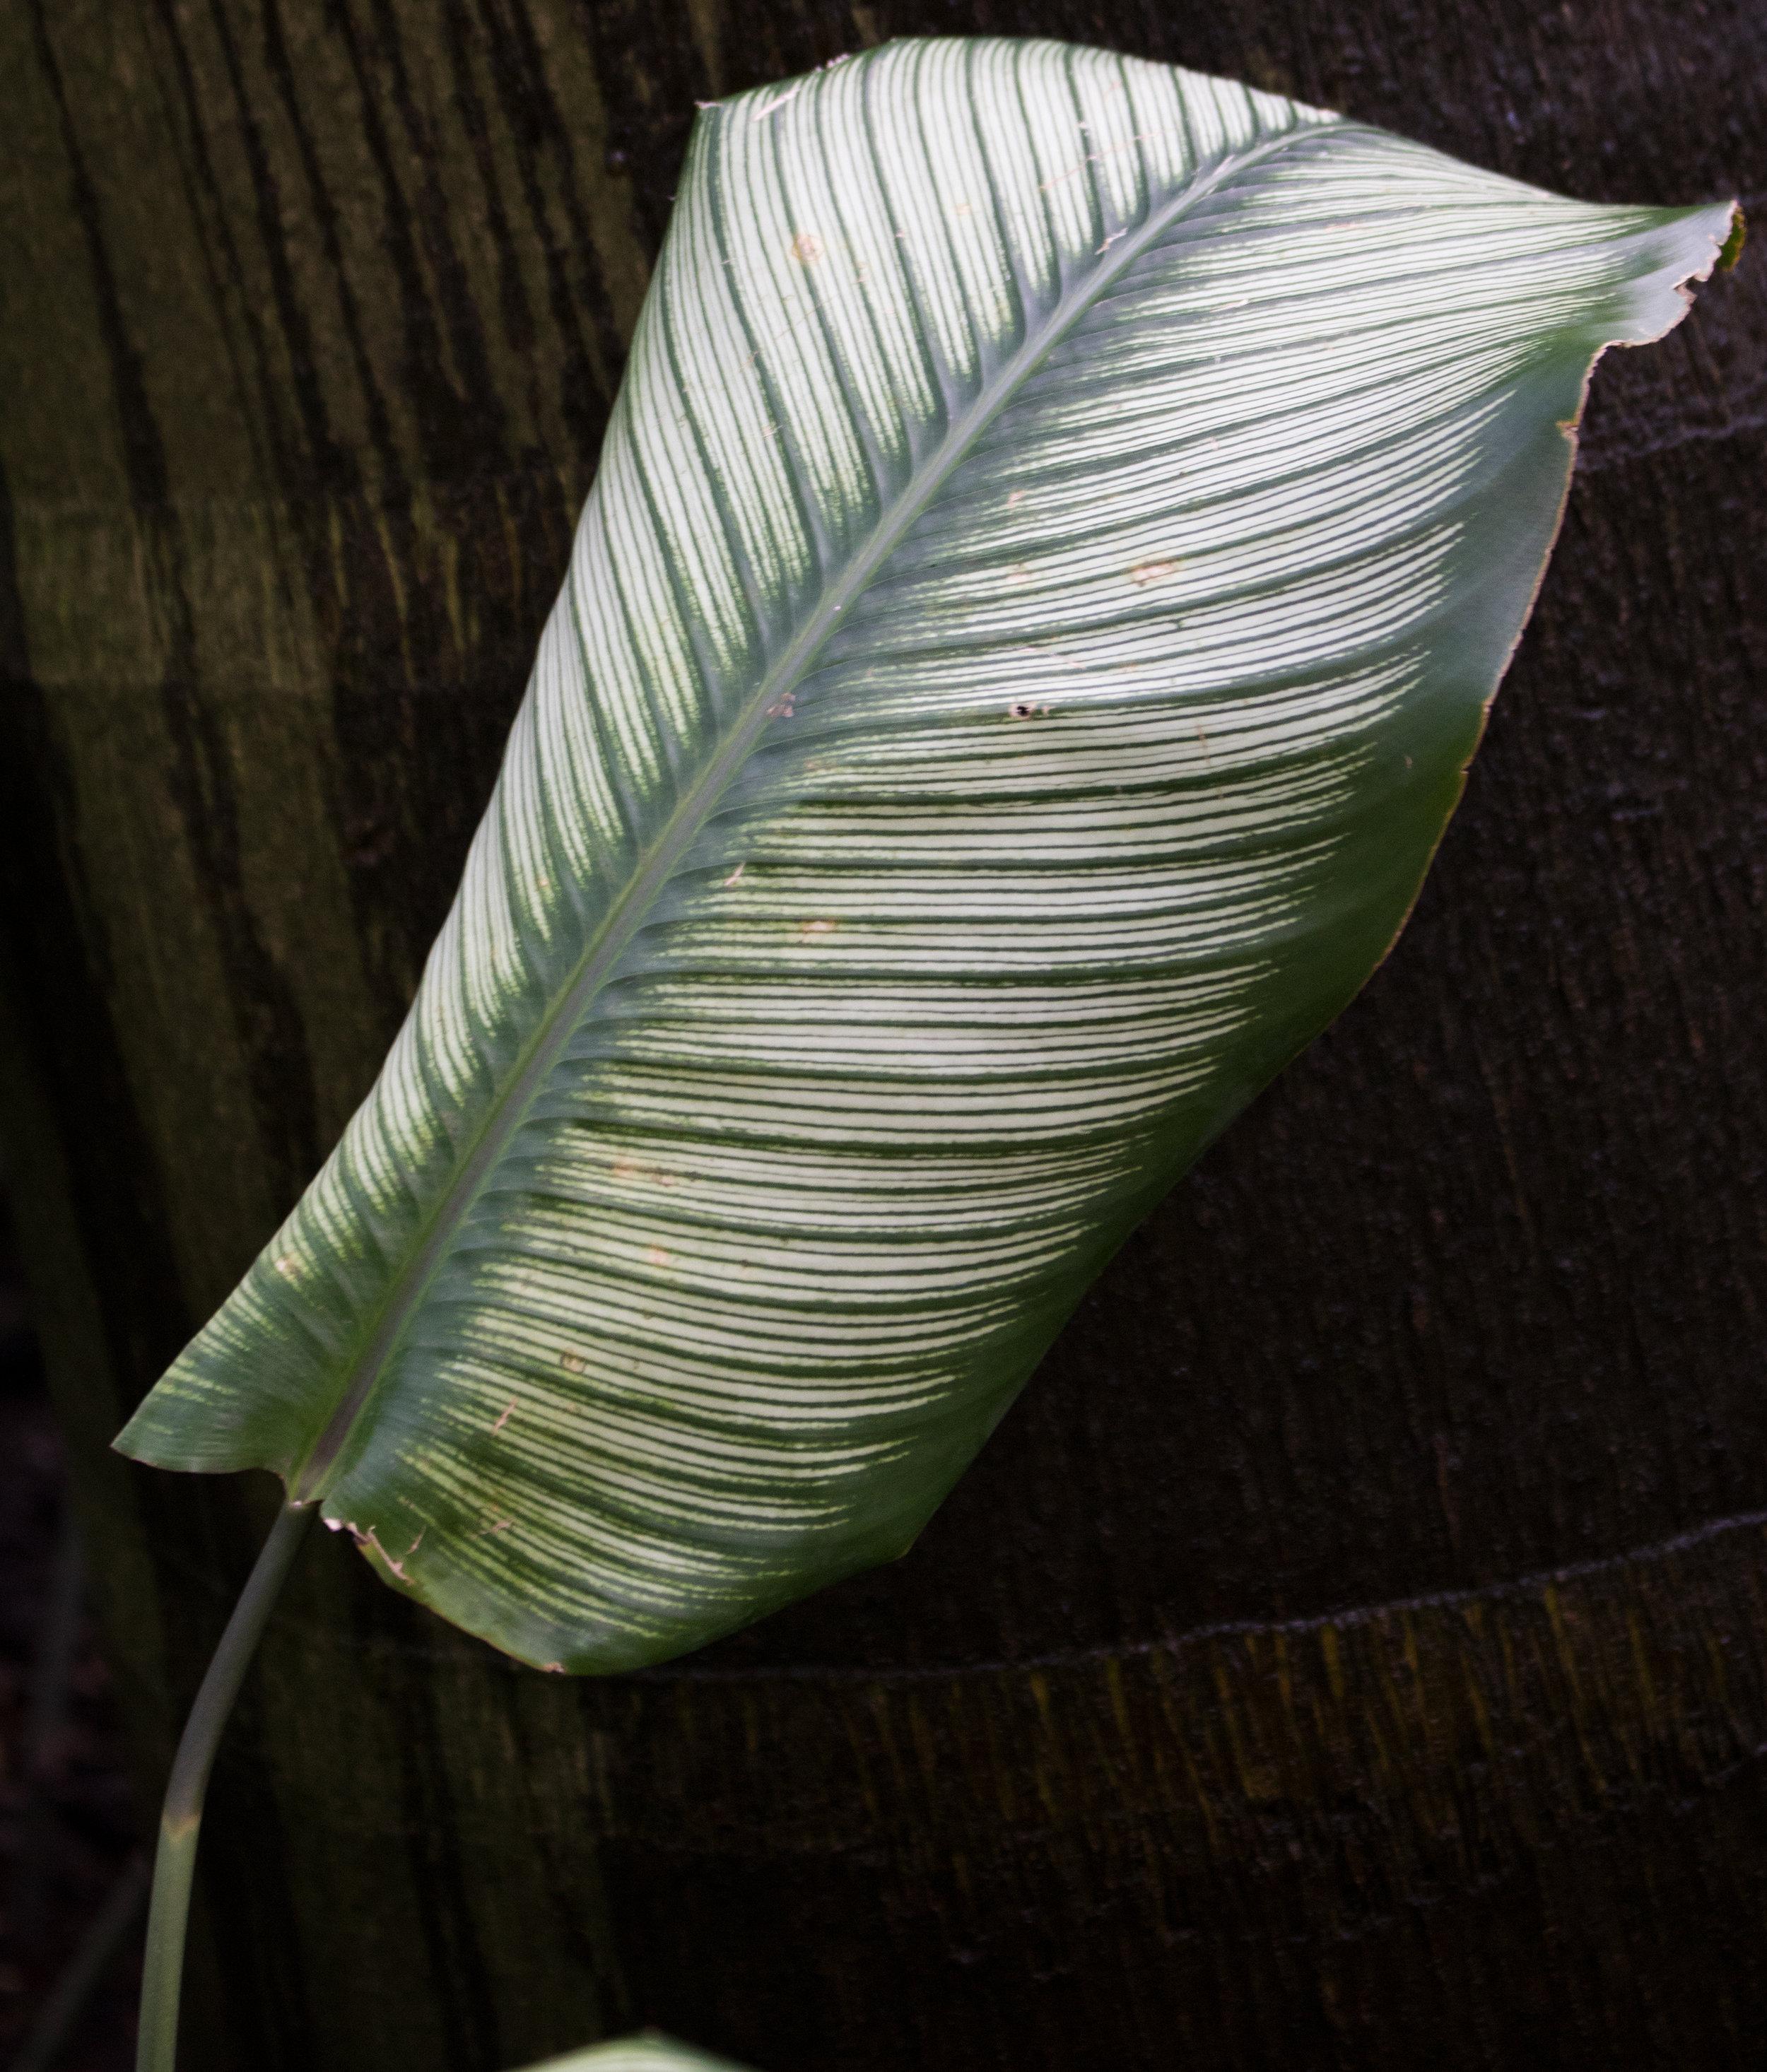 leaf-09.jpg